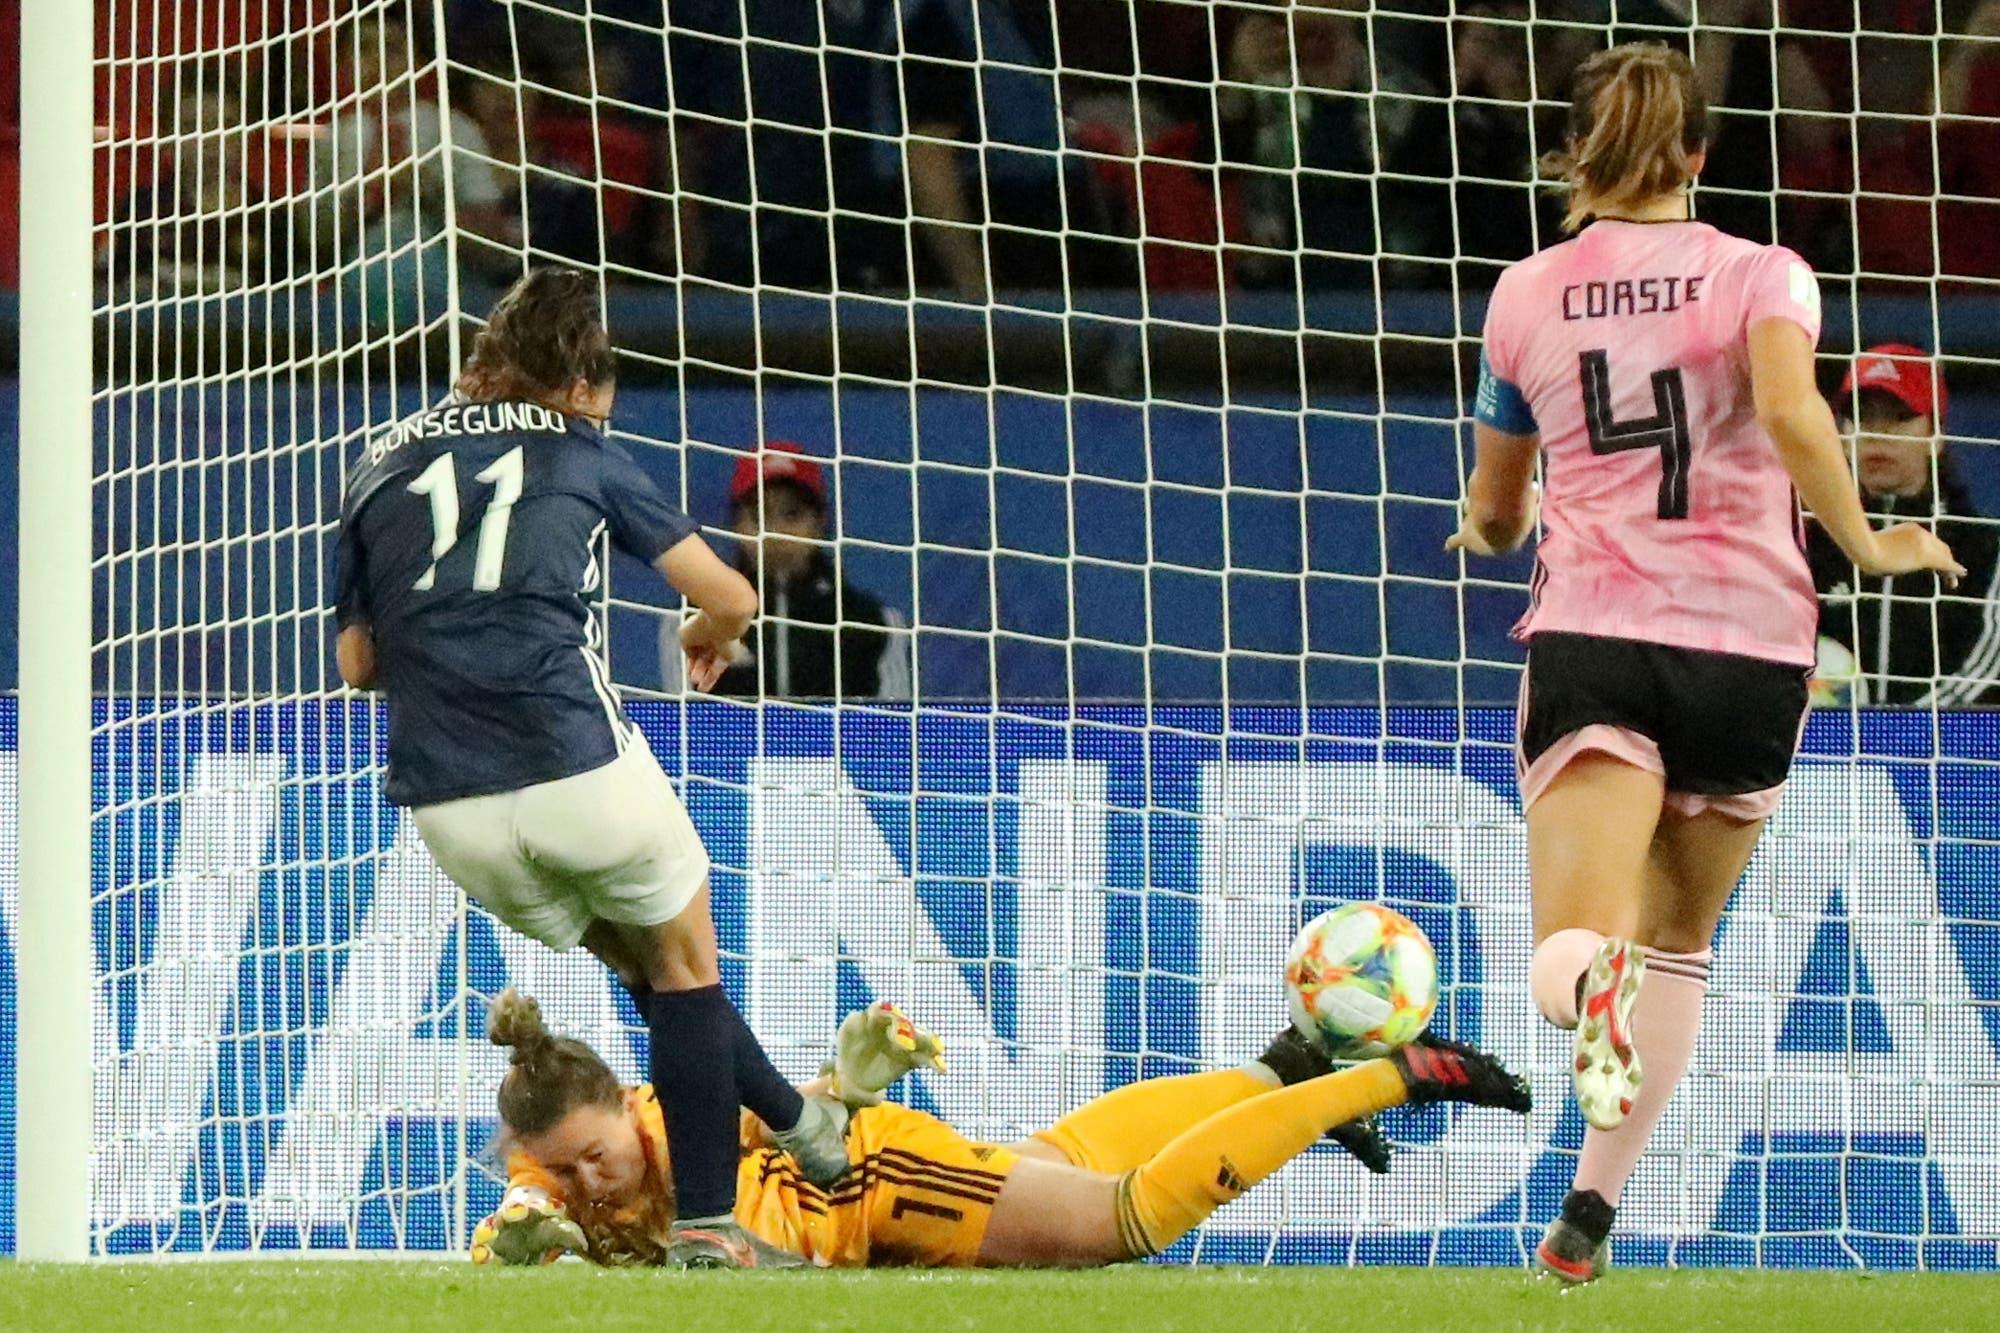 Mundial Francia 2019. Cómo fueron los 5 minutos finales inolvidables de la selección femenina